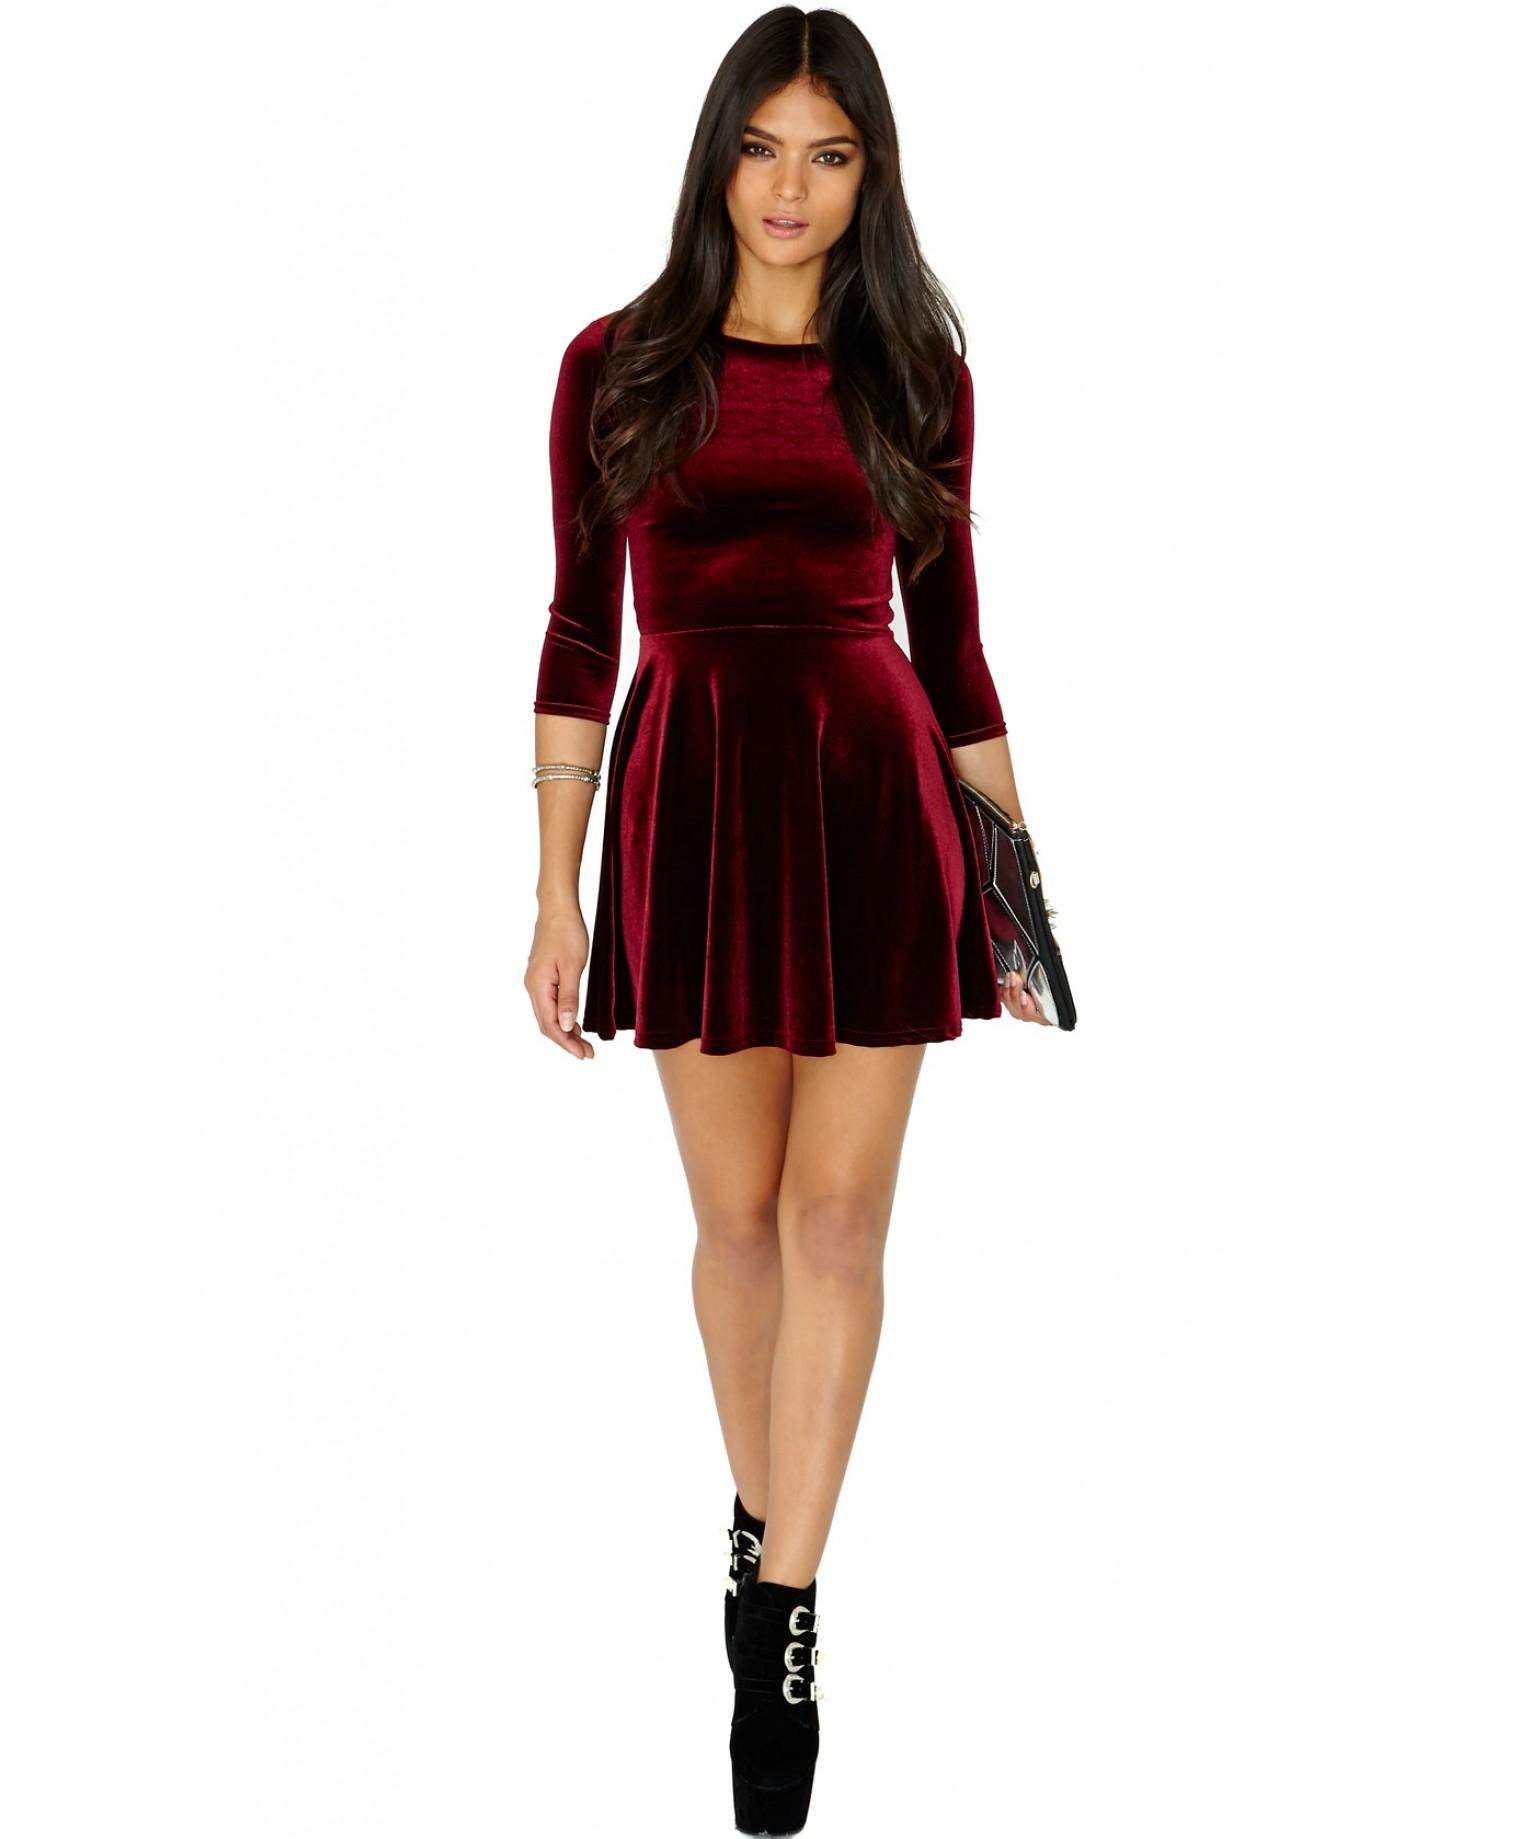 7a75715222 Lyst - Missguided Ofelita Velvet Skater Dress In Burgundy in Purple